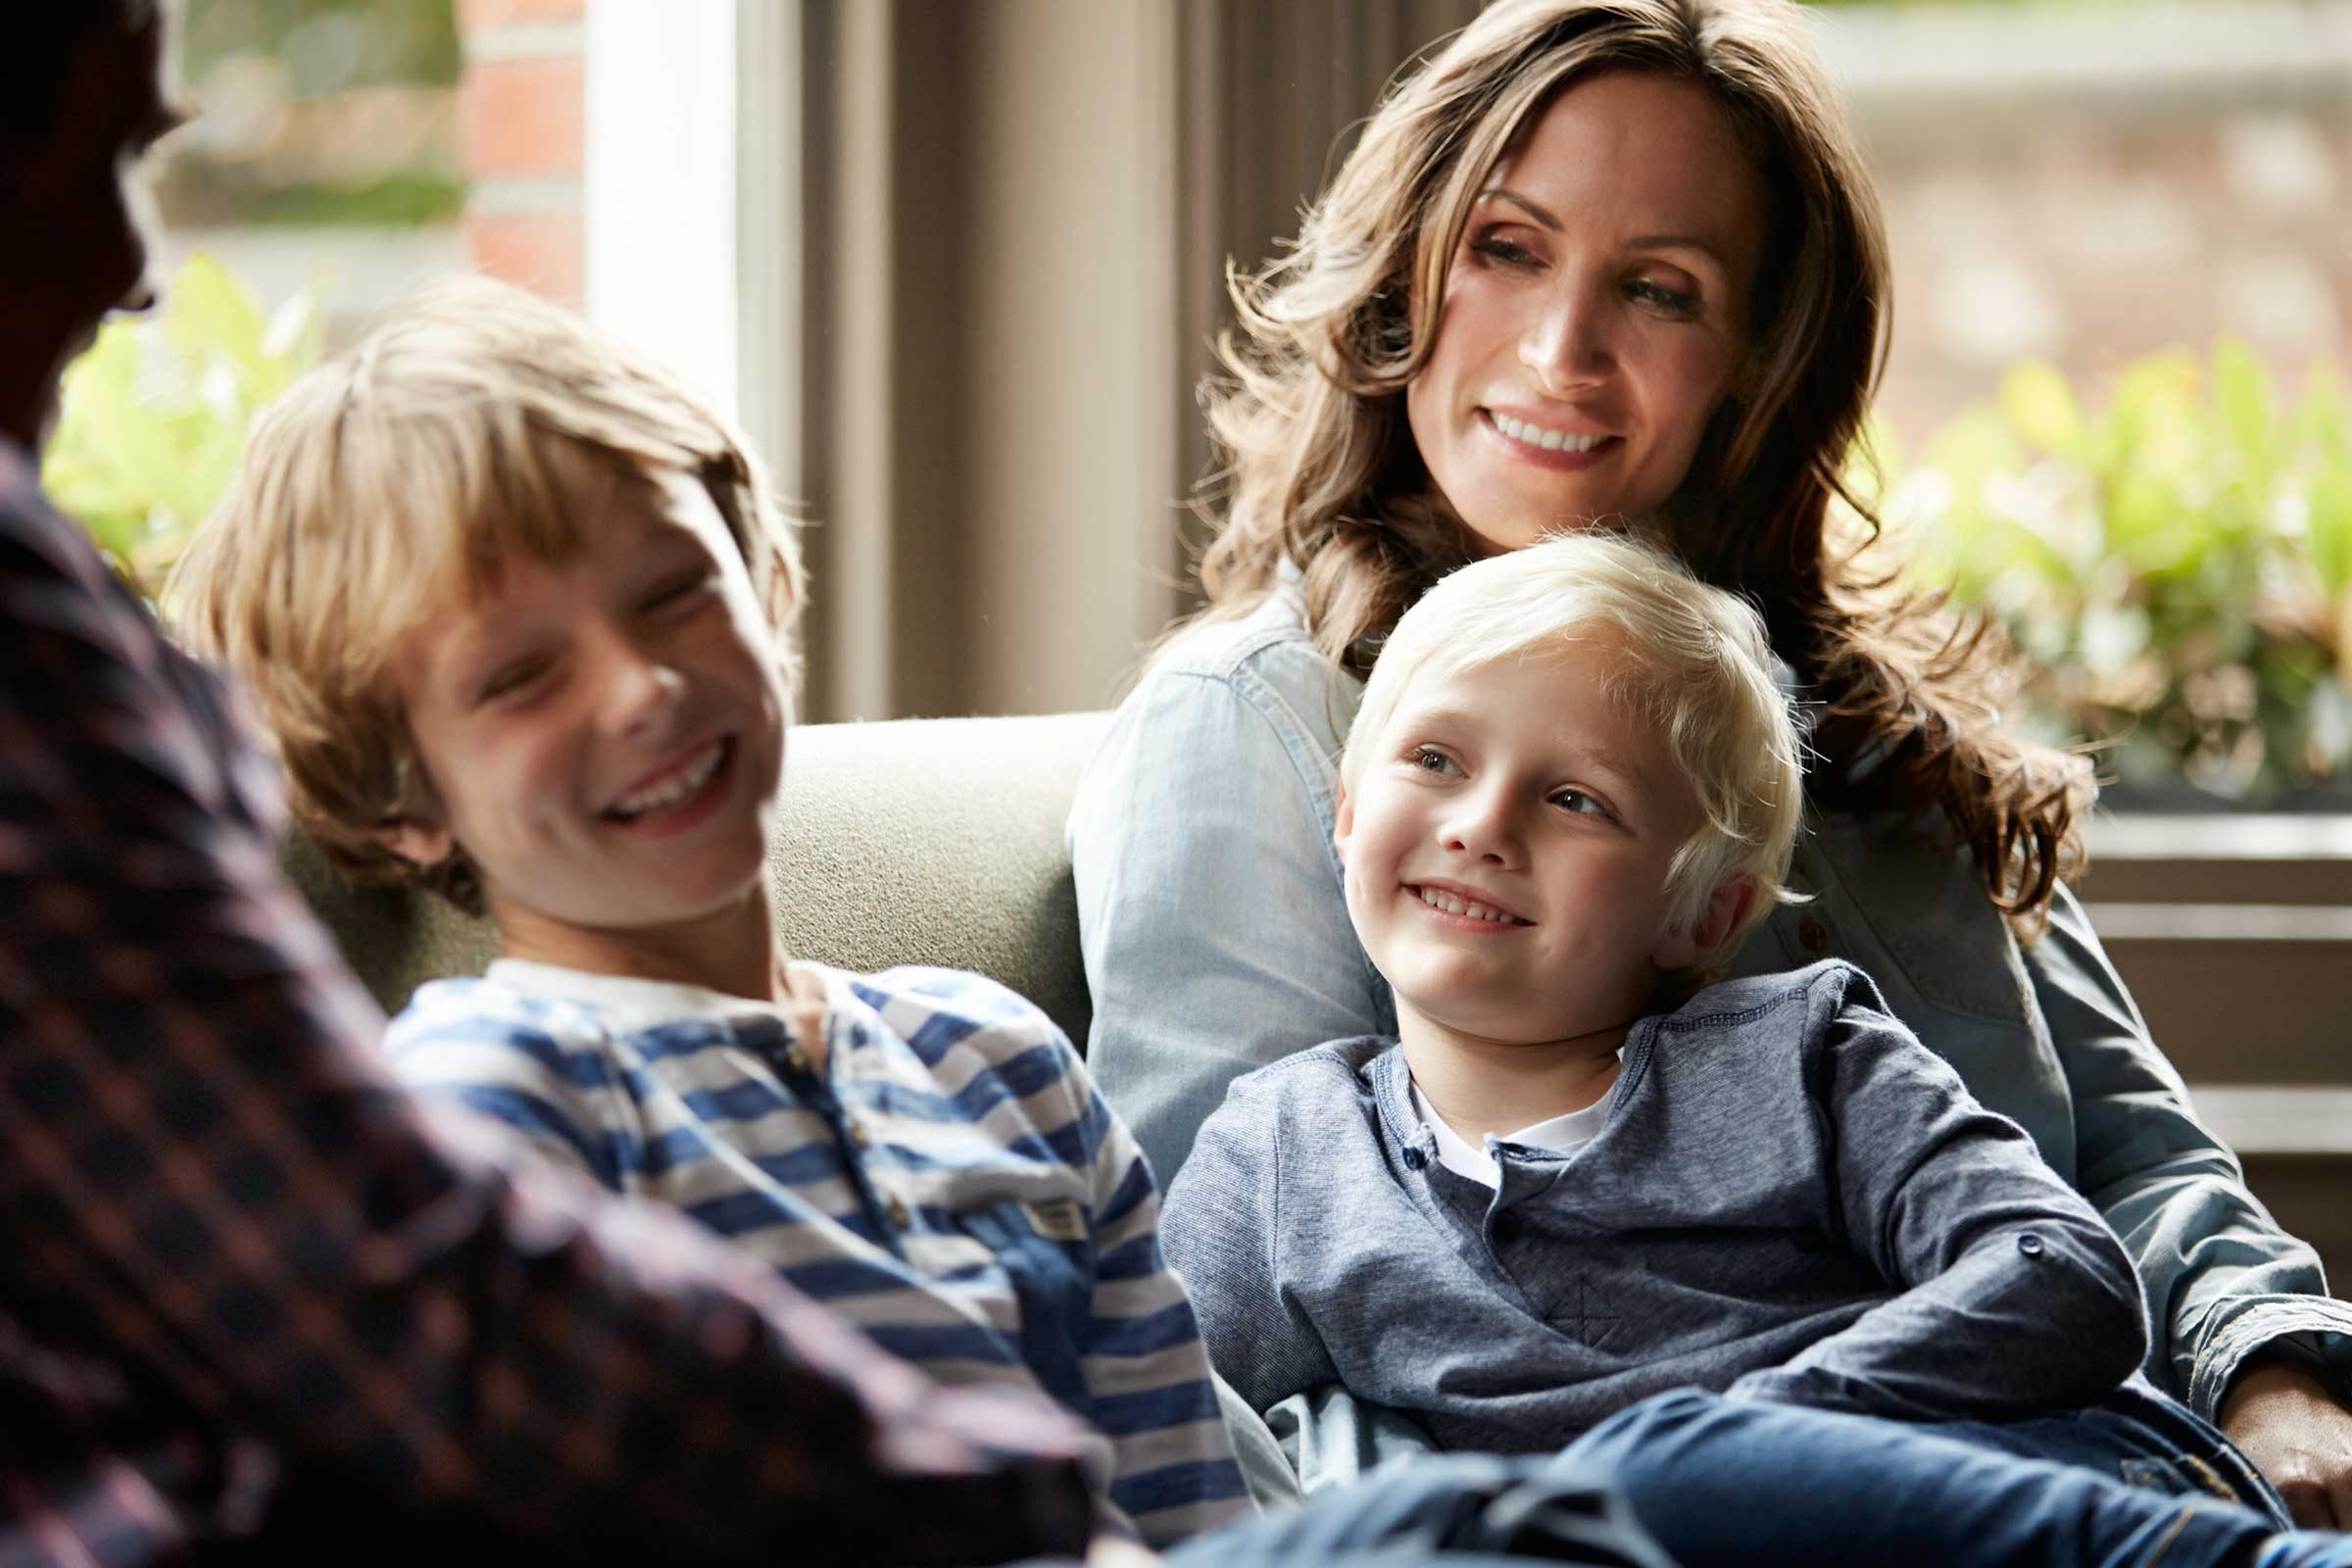 Toute la famille doit s'asseoir ensemble au moins 15 minutes par soir pour discuter.